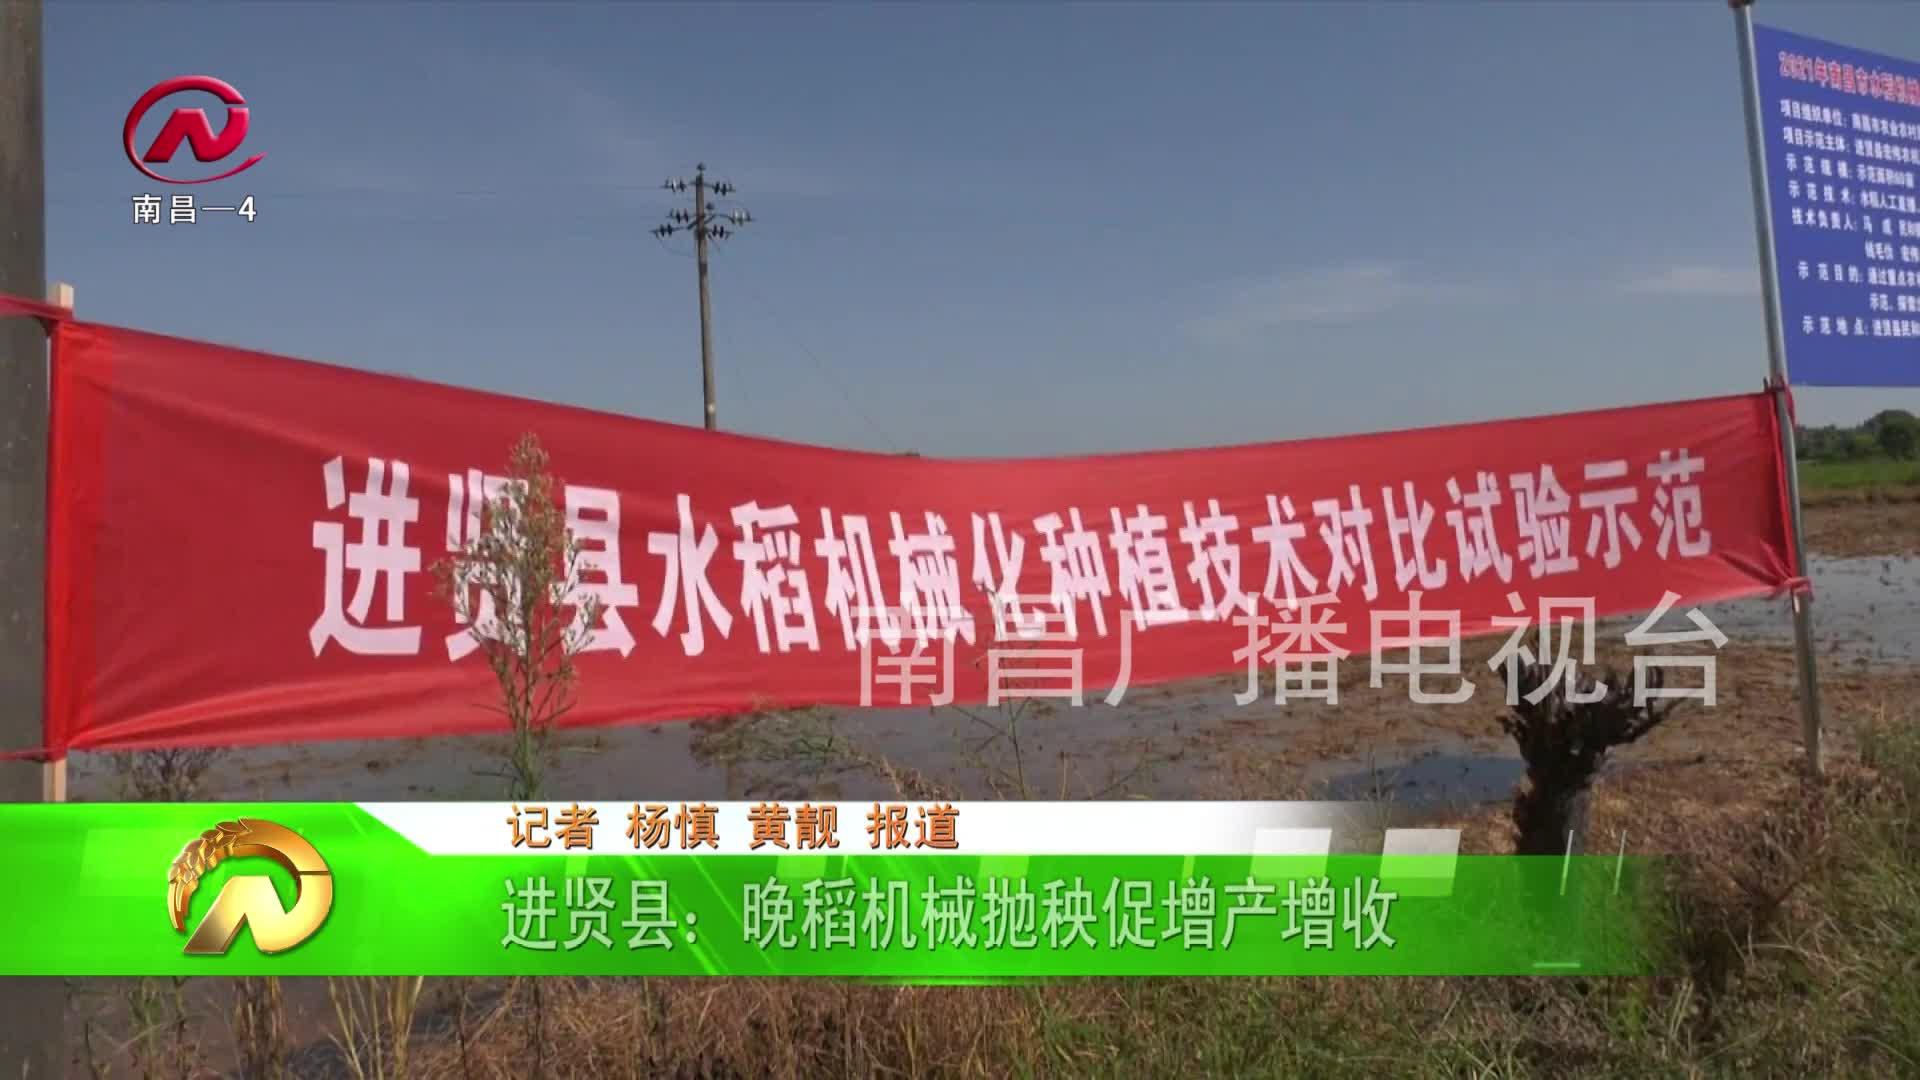 【豫章农视】进贤县:晚稻机械抛秧促增产增收